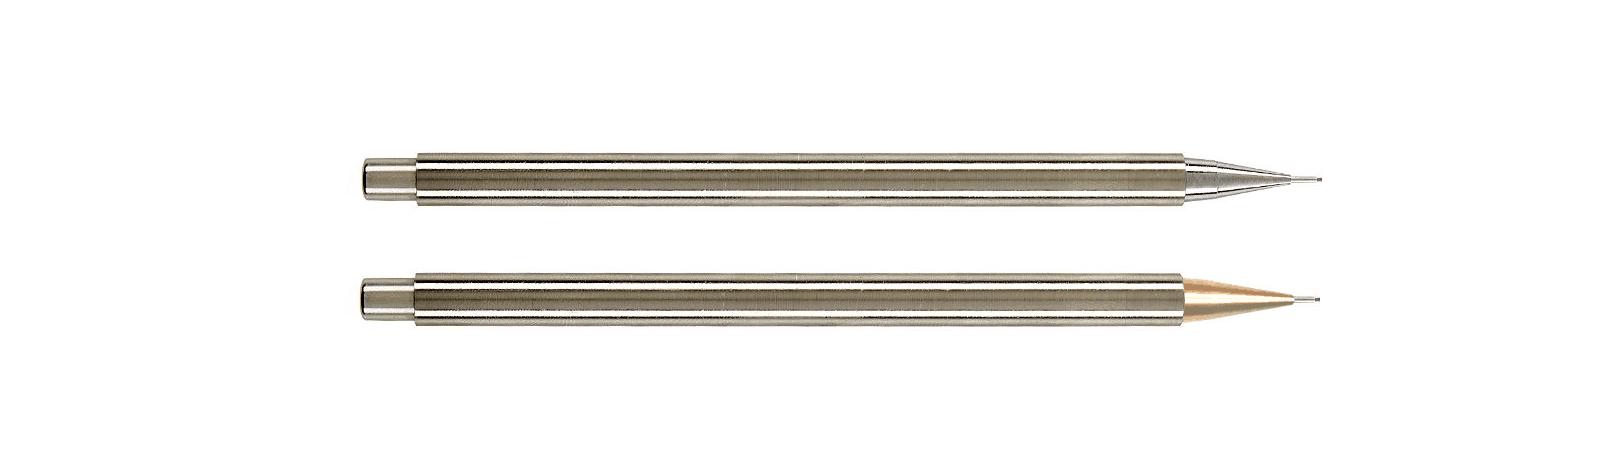 Handmade Mechanical Drafting Pencils HEMIWEAR - Drafting pencil